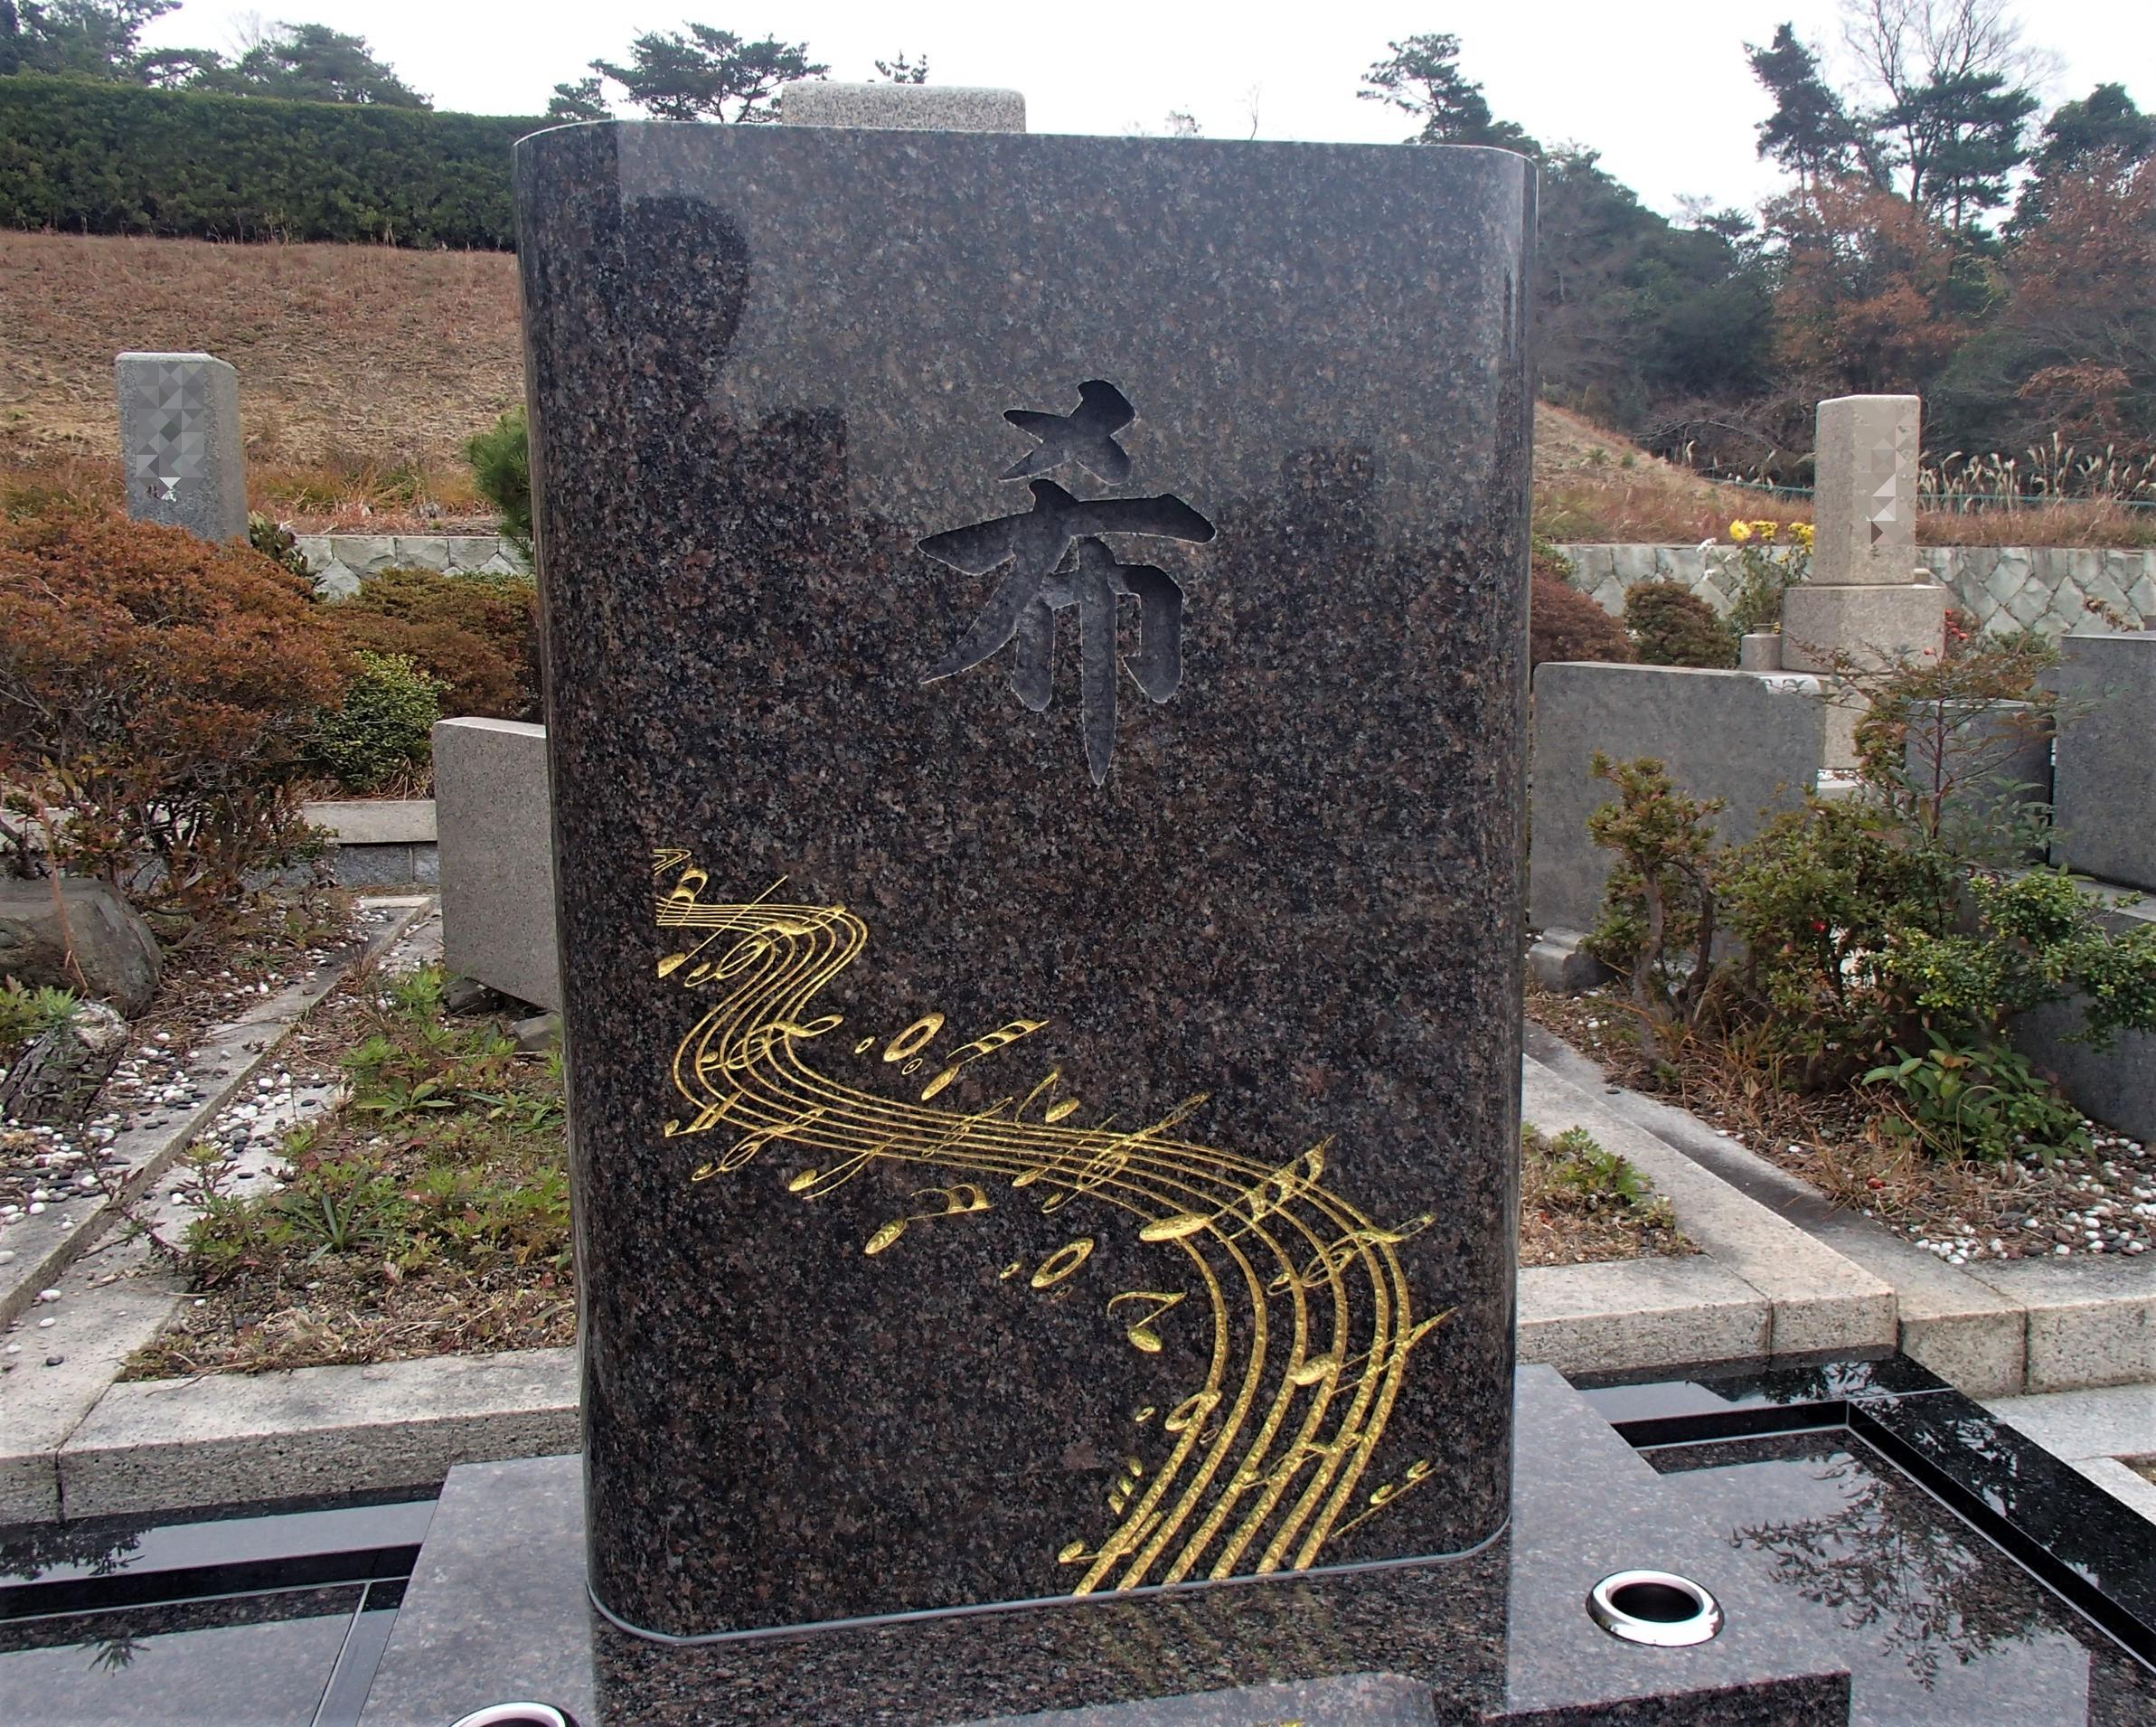 音符をデザイン化した模様を彫刻した墓石